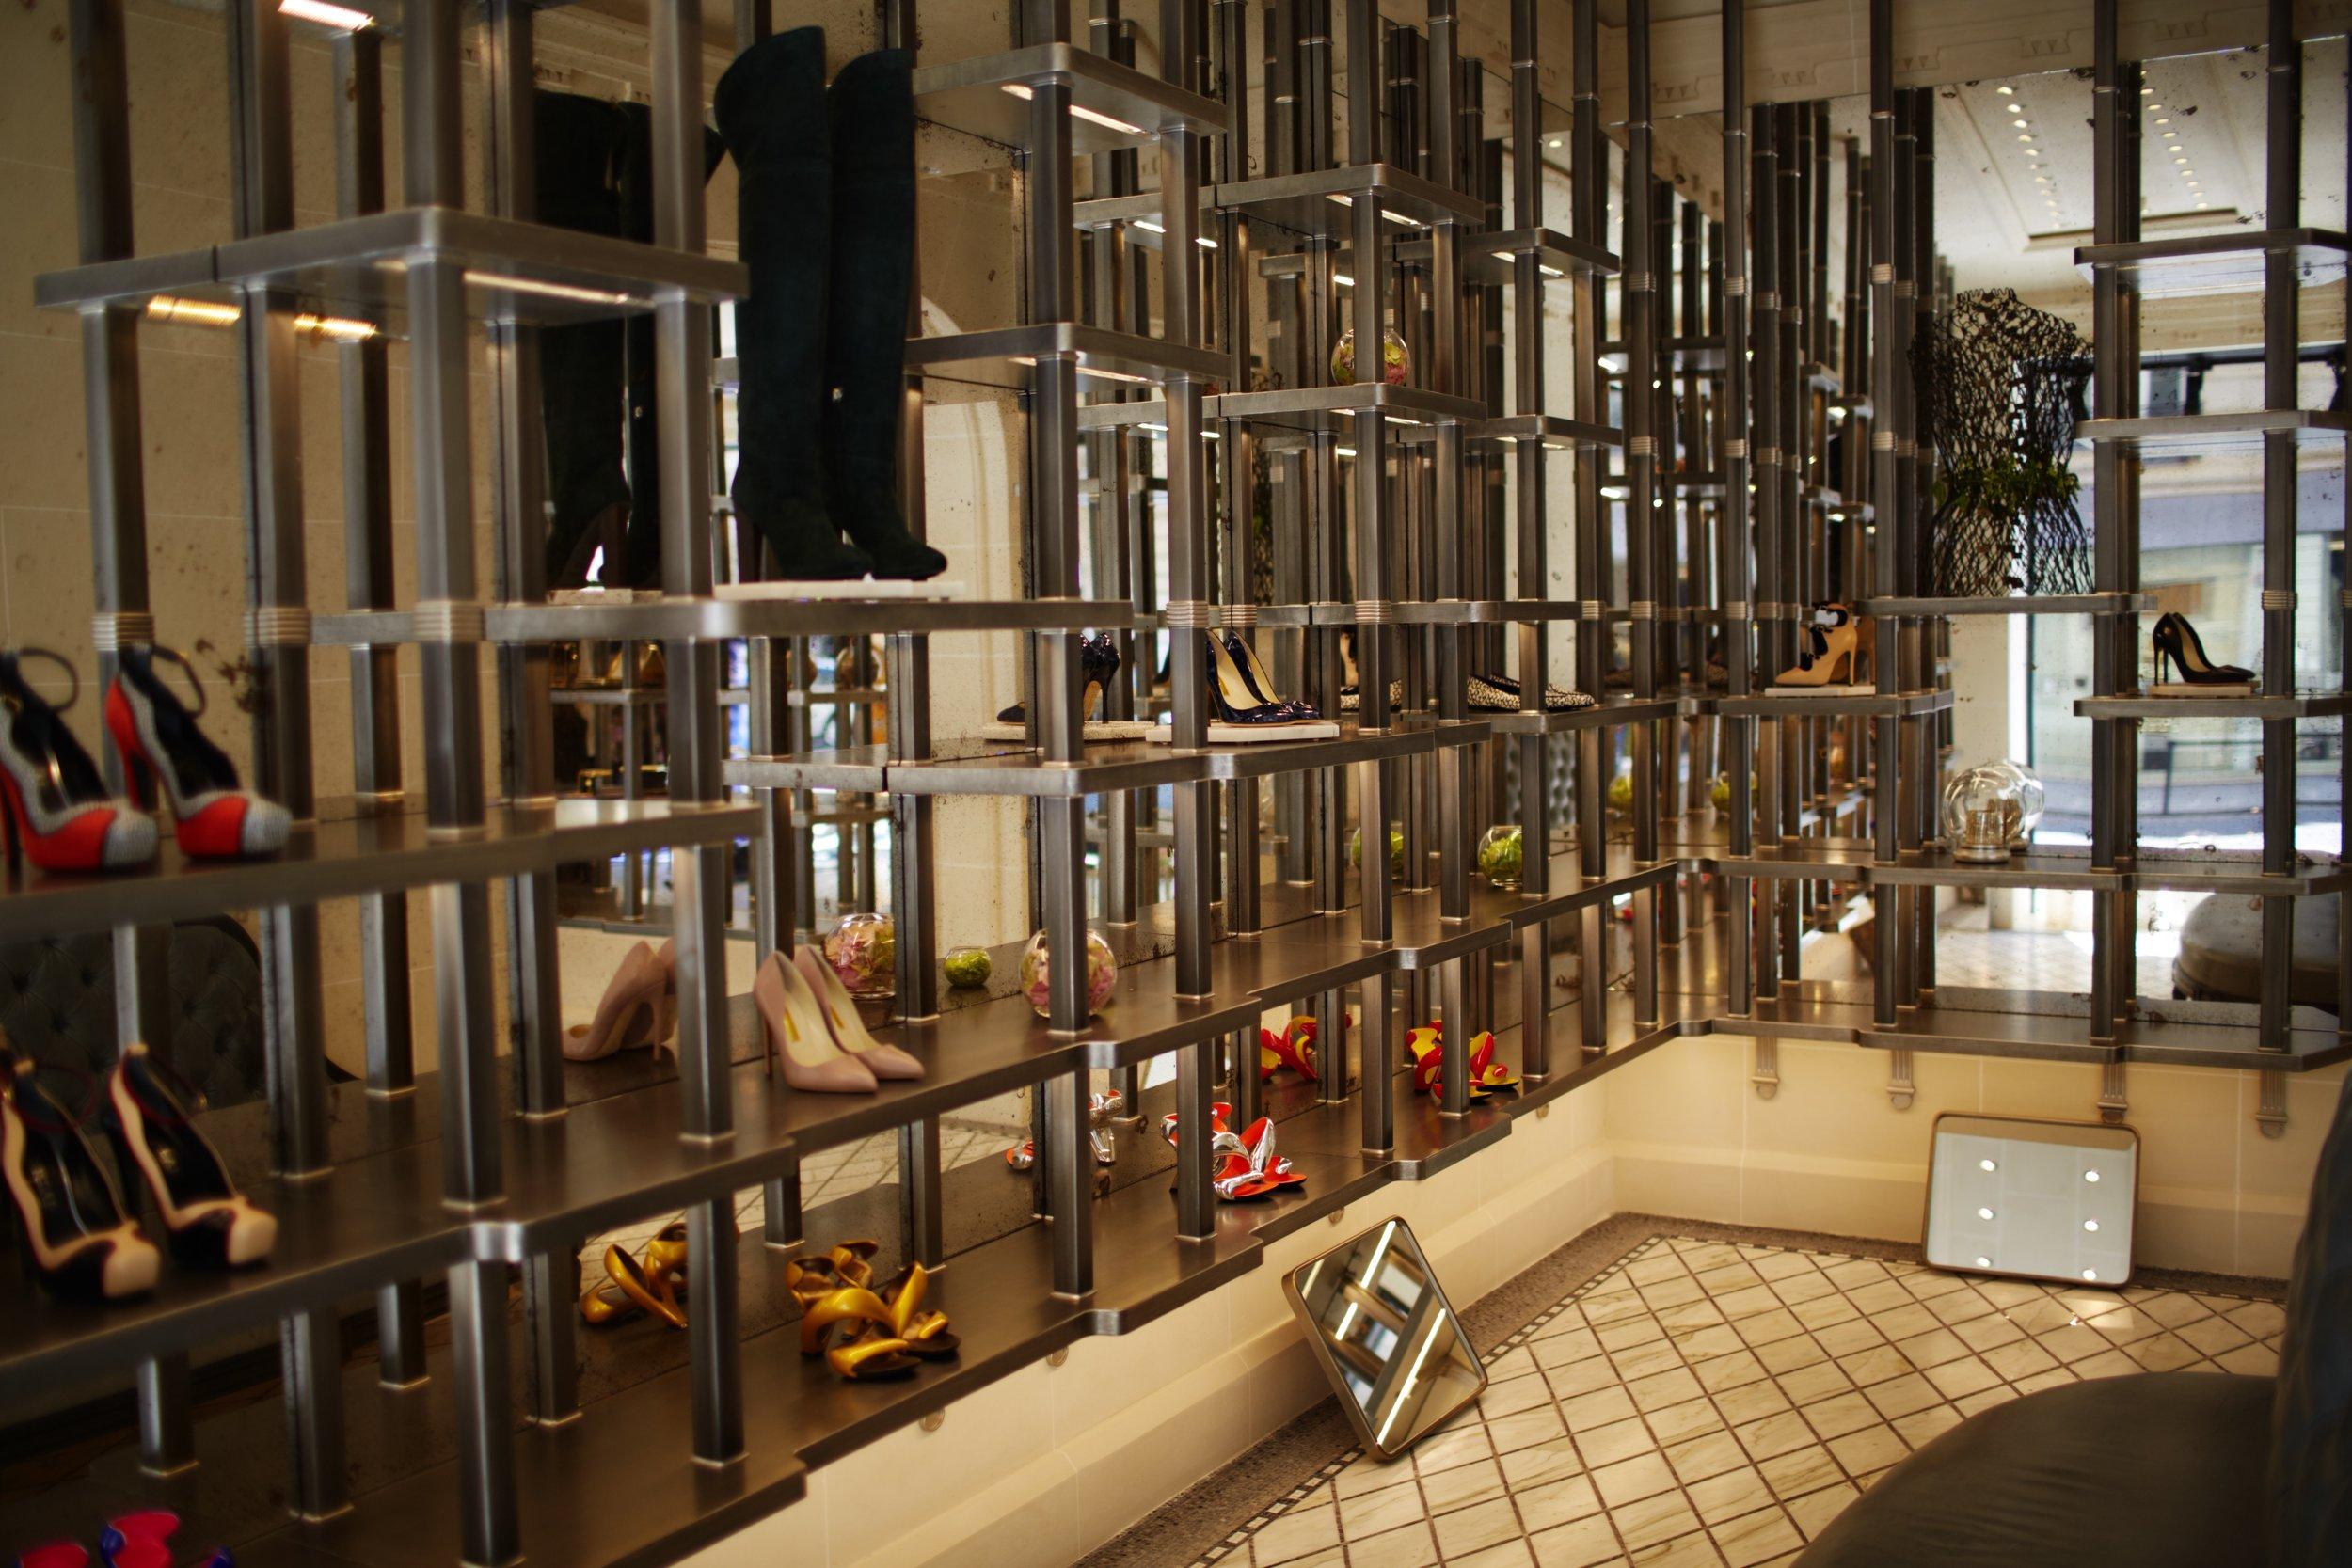 The Shoe Salon at Les Suites